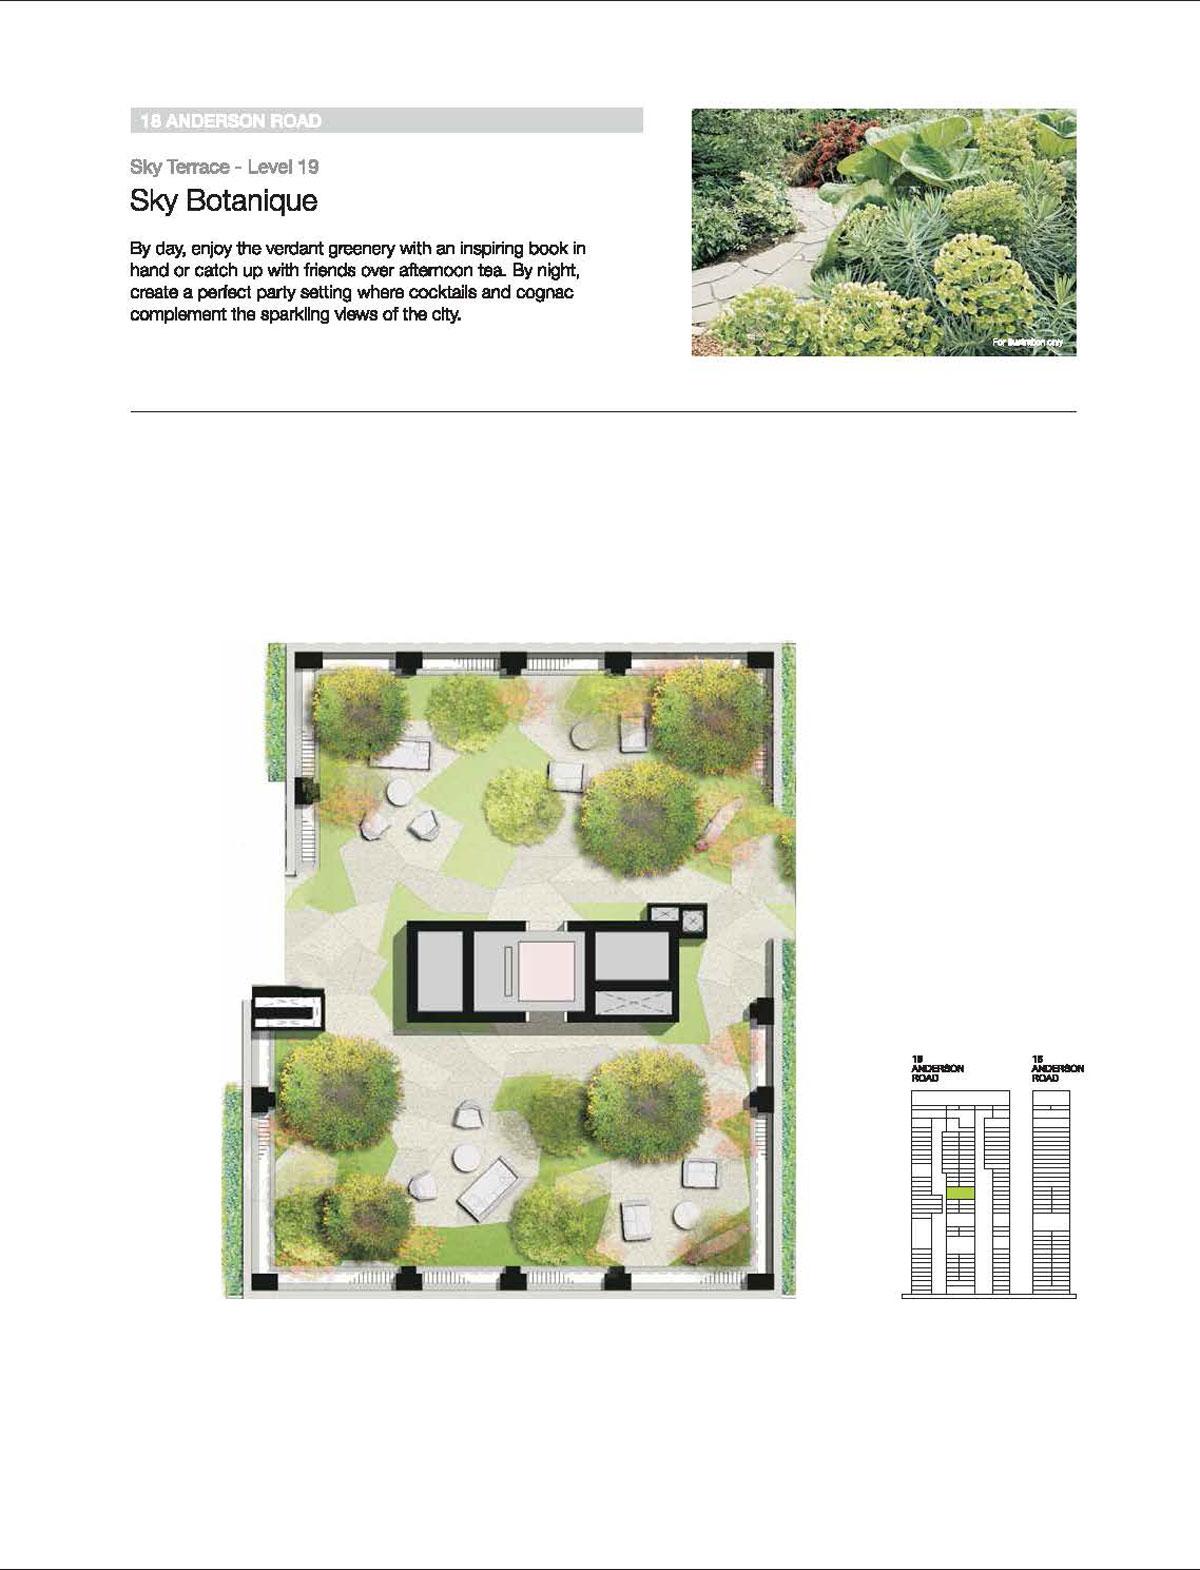 Nouvel-18-Site-Plan8.jpg